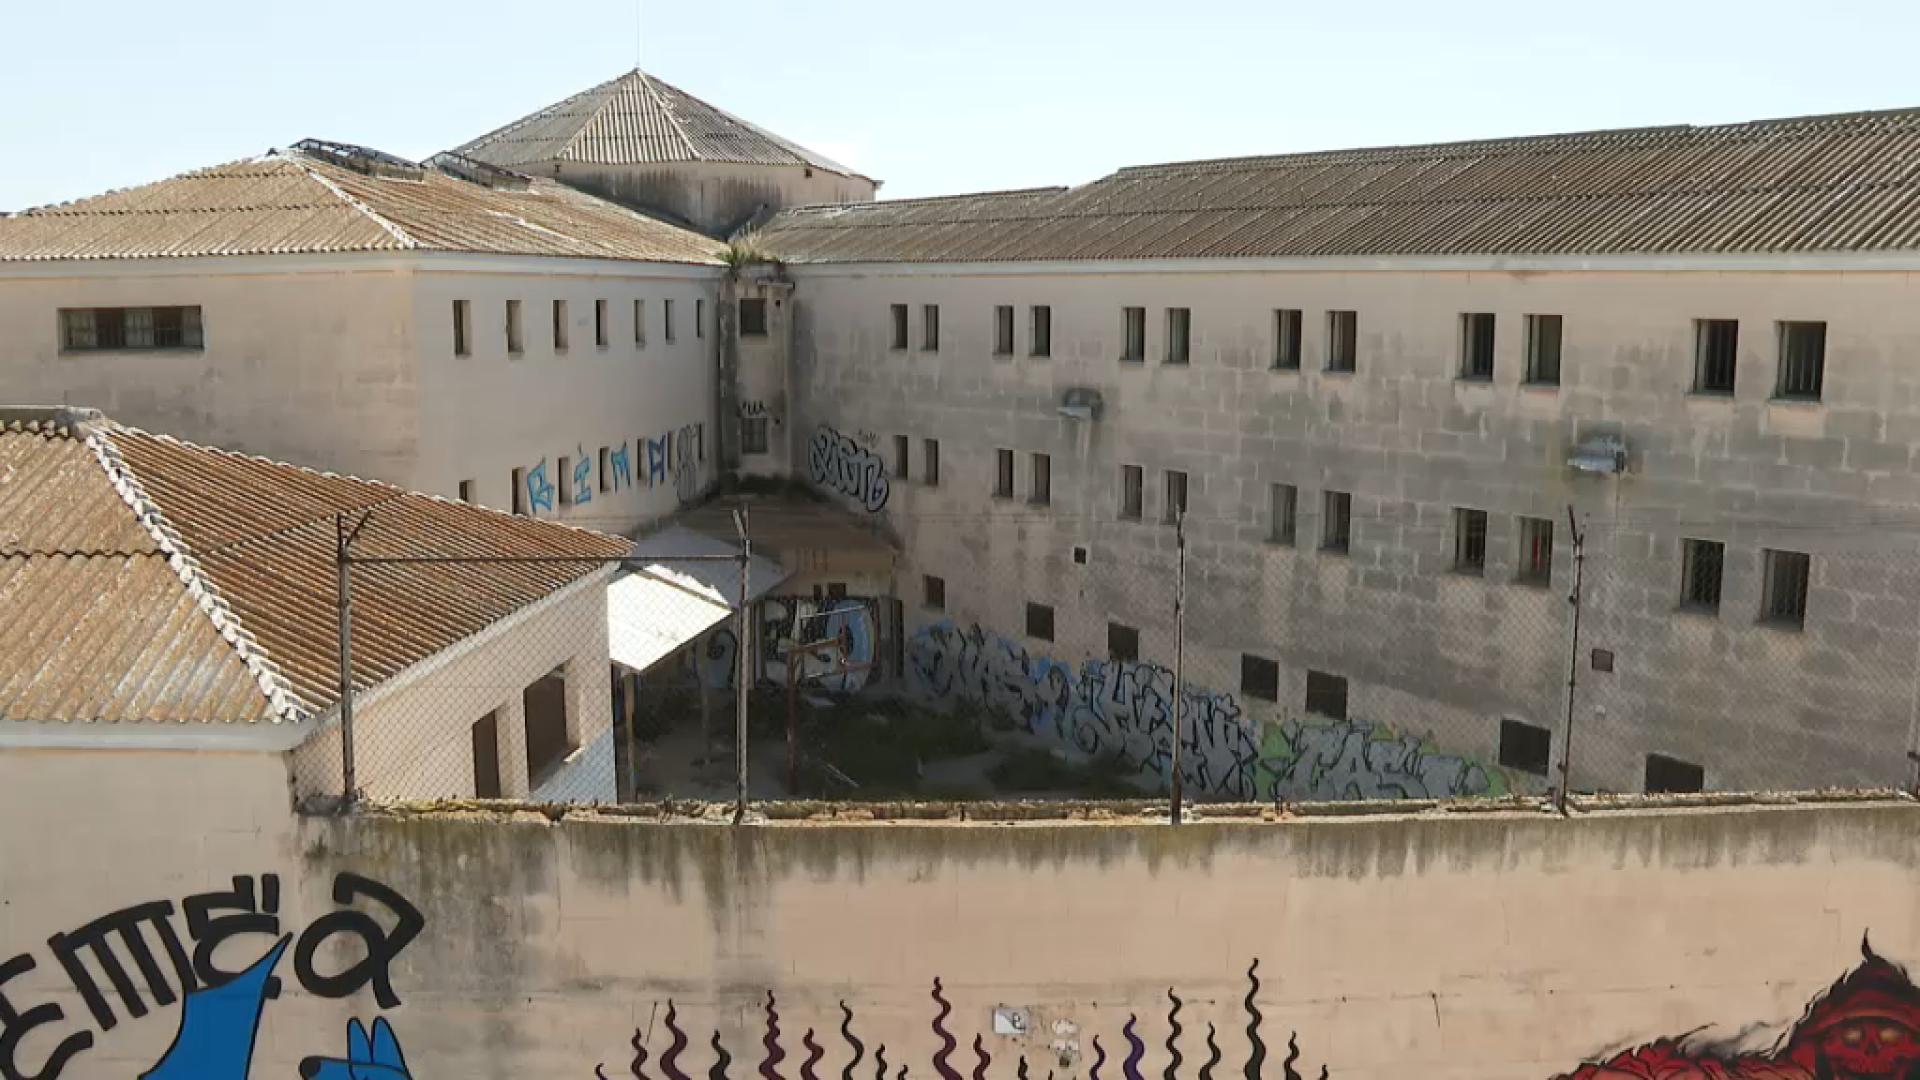 Modificat+el+pla+general+per+fer+un+centre+cultural+i+habitatges+a+l%26apos%3Bantiga+pres%C3%B3